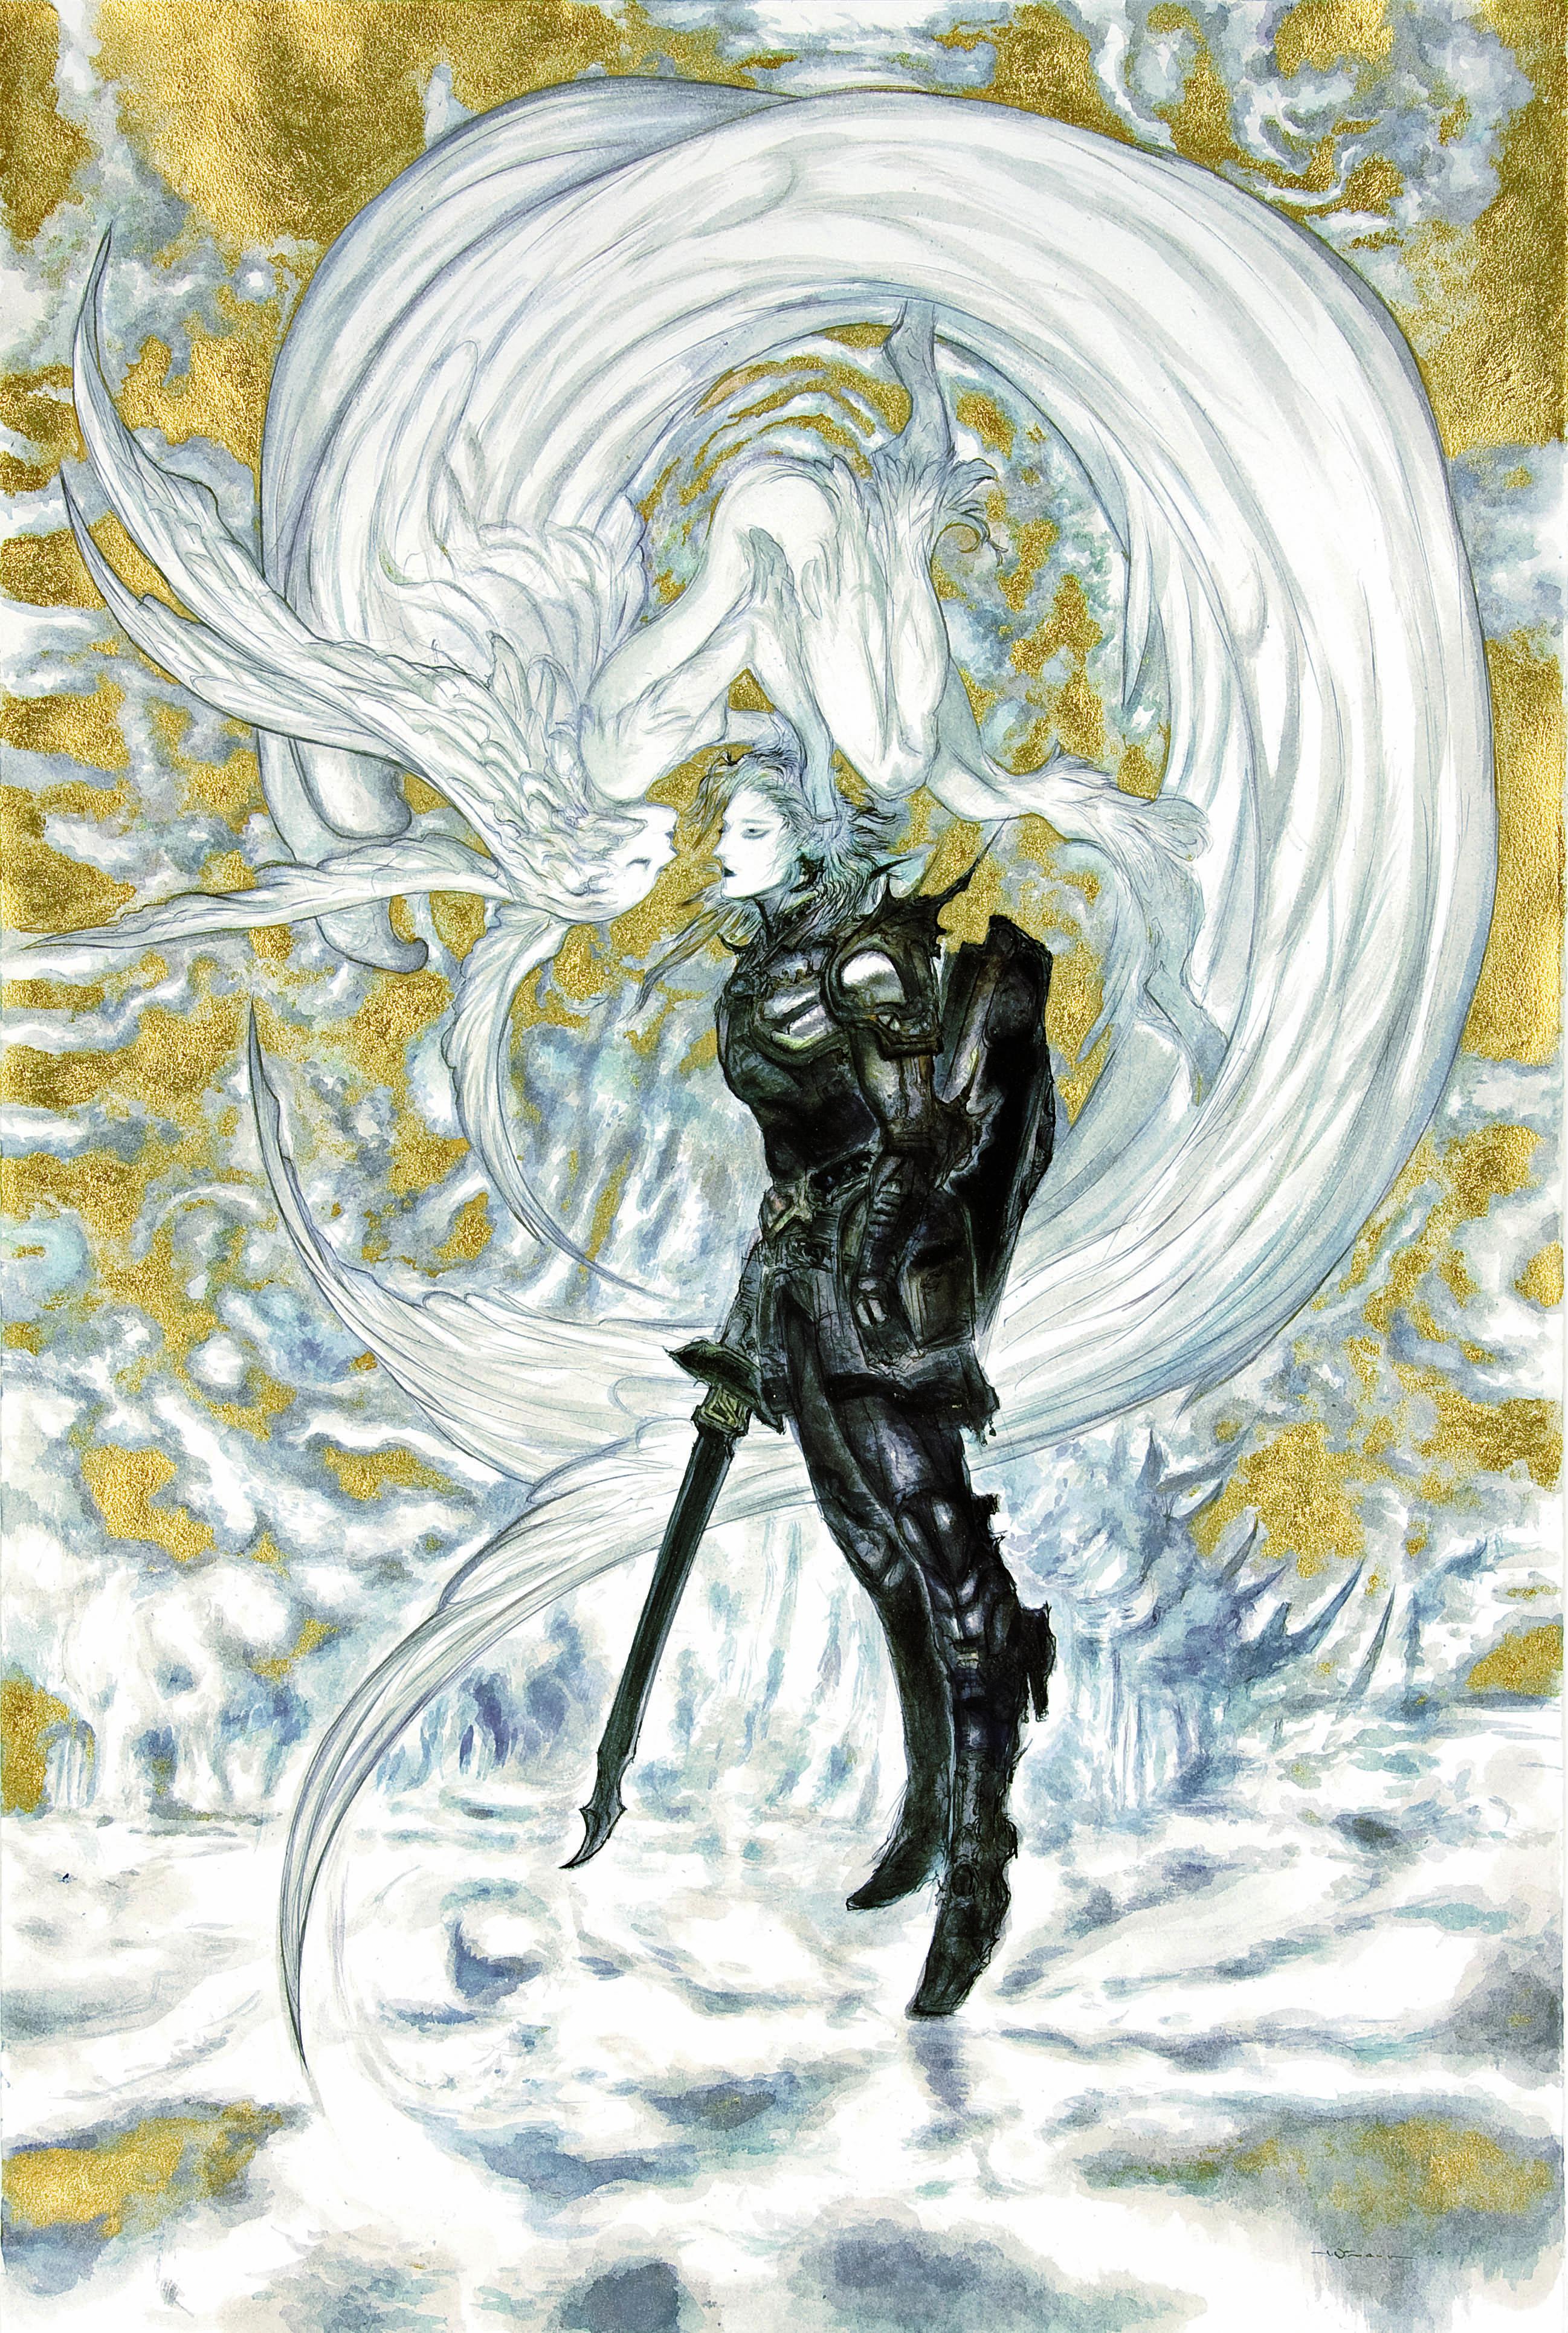 天野喜孝《ファイナルファンタジーXIV 嵐神と冒険者》2010年、アクリル・紙、個人蔵